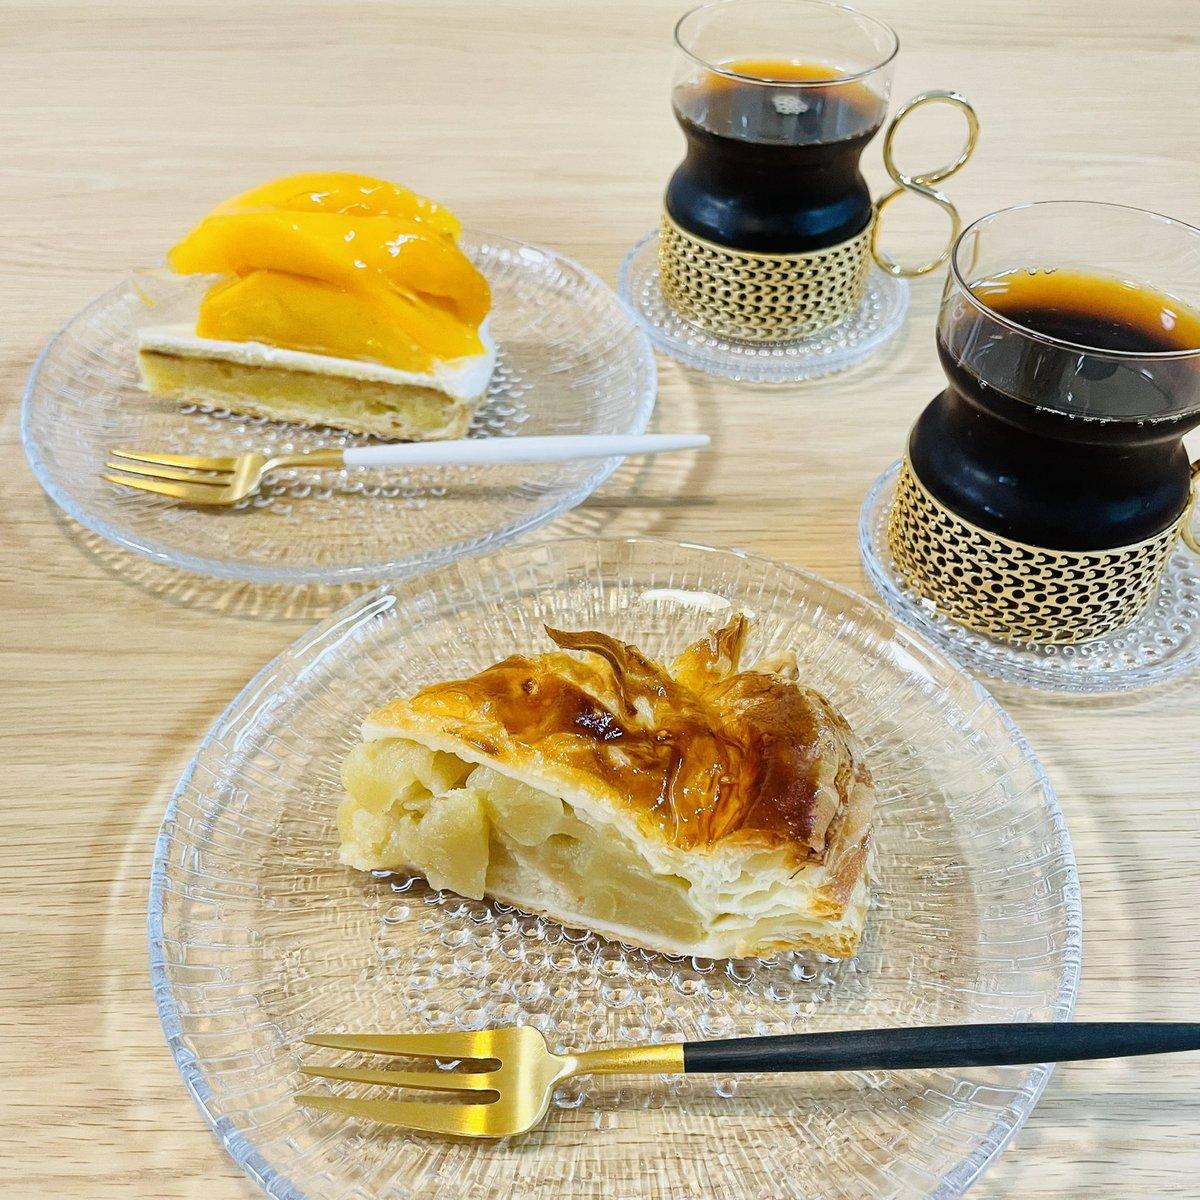 test ツイッターメディア - 近江屋洋菓子店さんの #アップルパイ と #マンゴータルト で朝ごはん😋 沖縄産のマンゴーは甘くて濃厚❤️ アップルパイはバター香るパイ生地と甘酸っぱいフィリングの相性抜群✨ 両方ともとっても美味しかった😍  #近江屋洋菓子店 #神田 #淡路町 #小川町 https://t.co/TezEnuoKo8